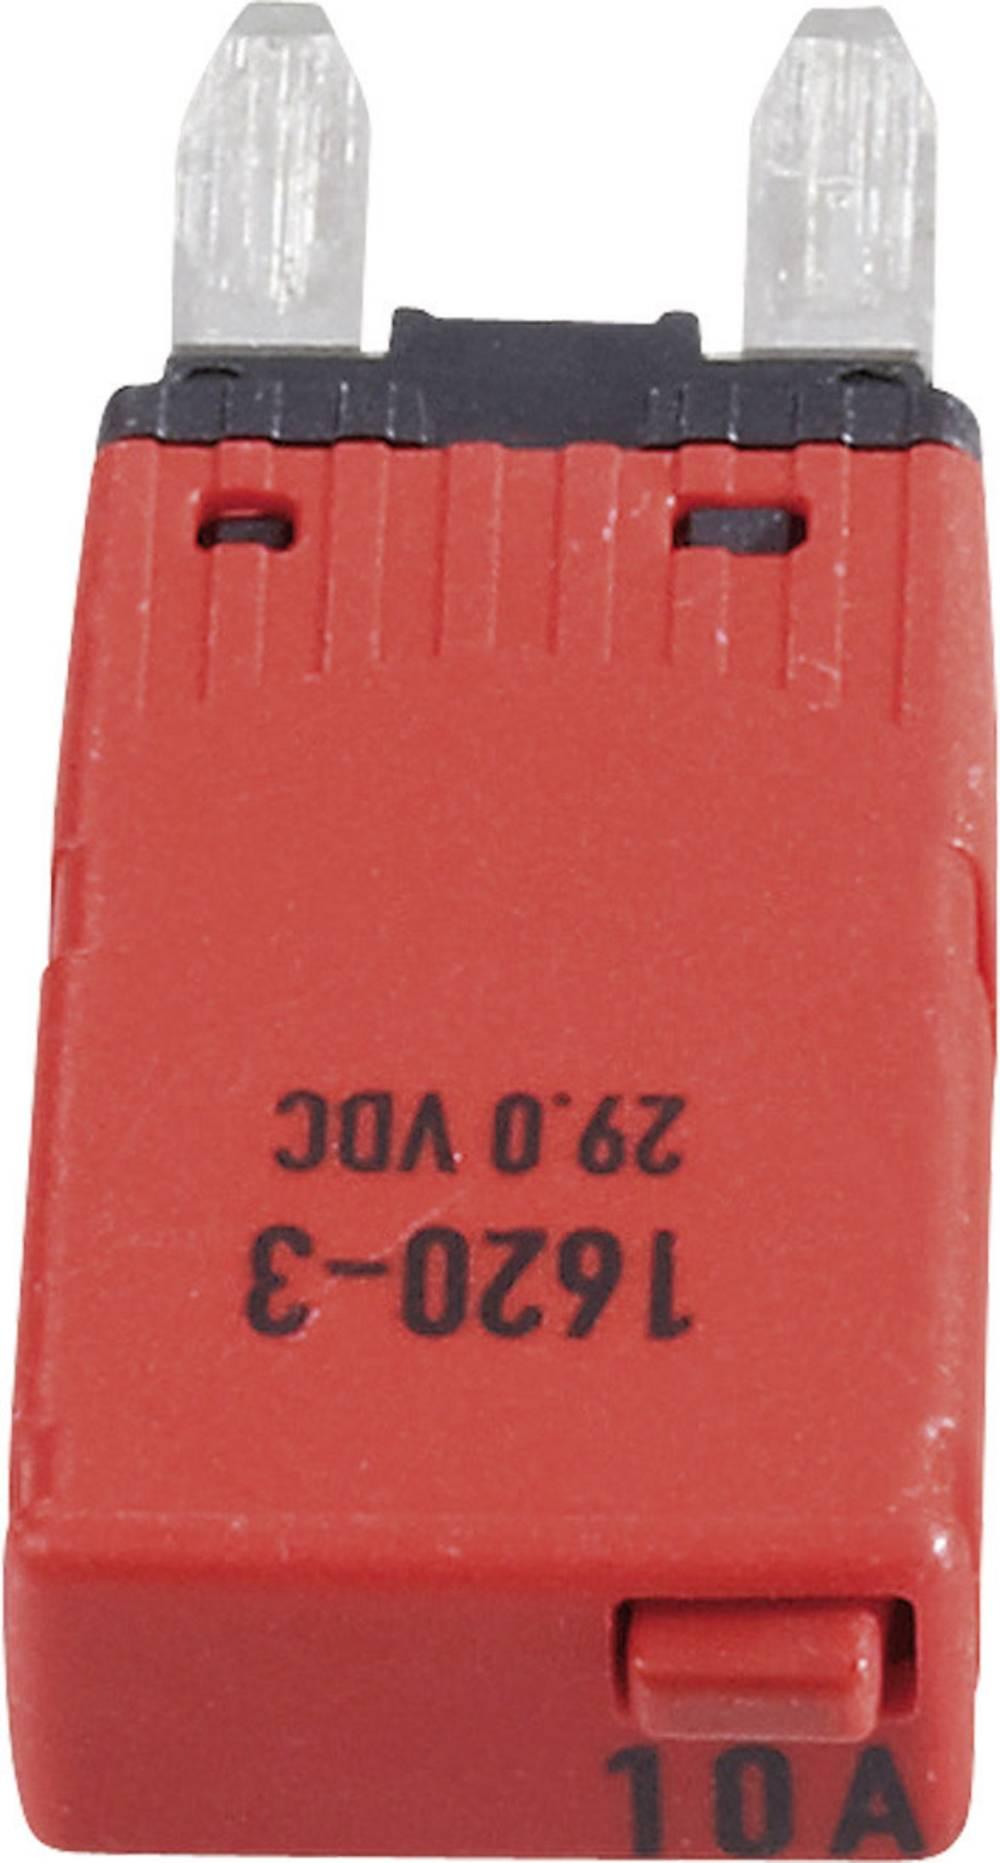 Sikringsautomat Mini Fladsikring 10 A Rød 1620-3-10A 1620-3-10A 1 stk